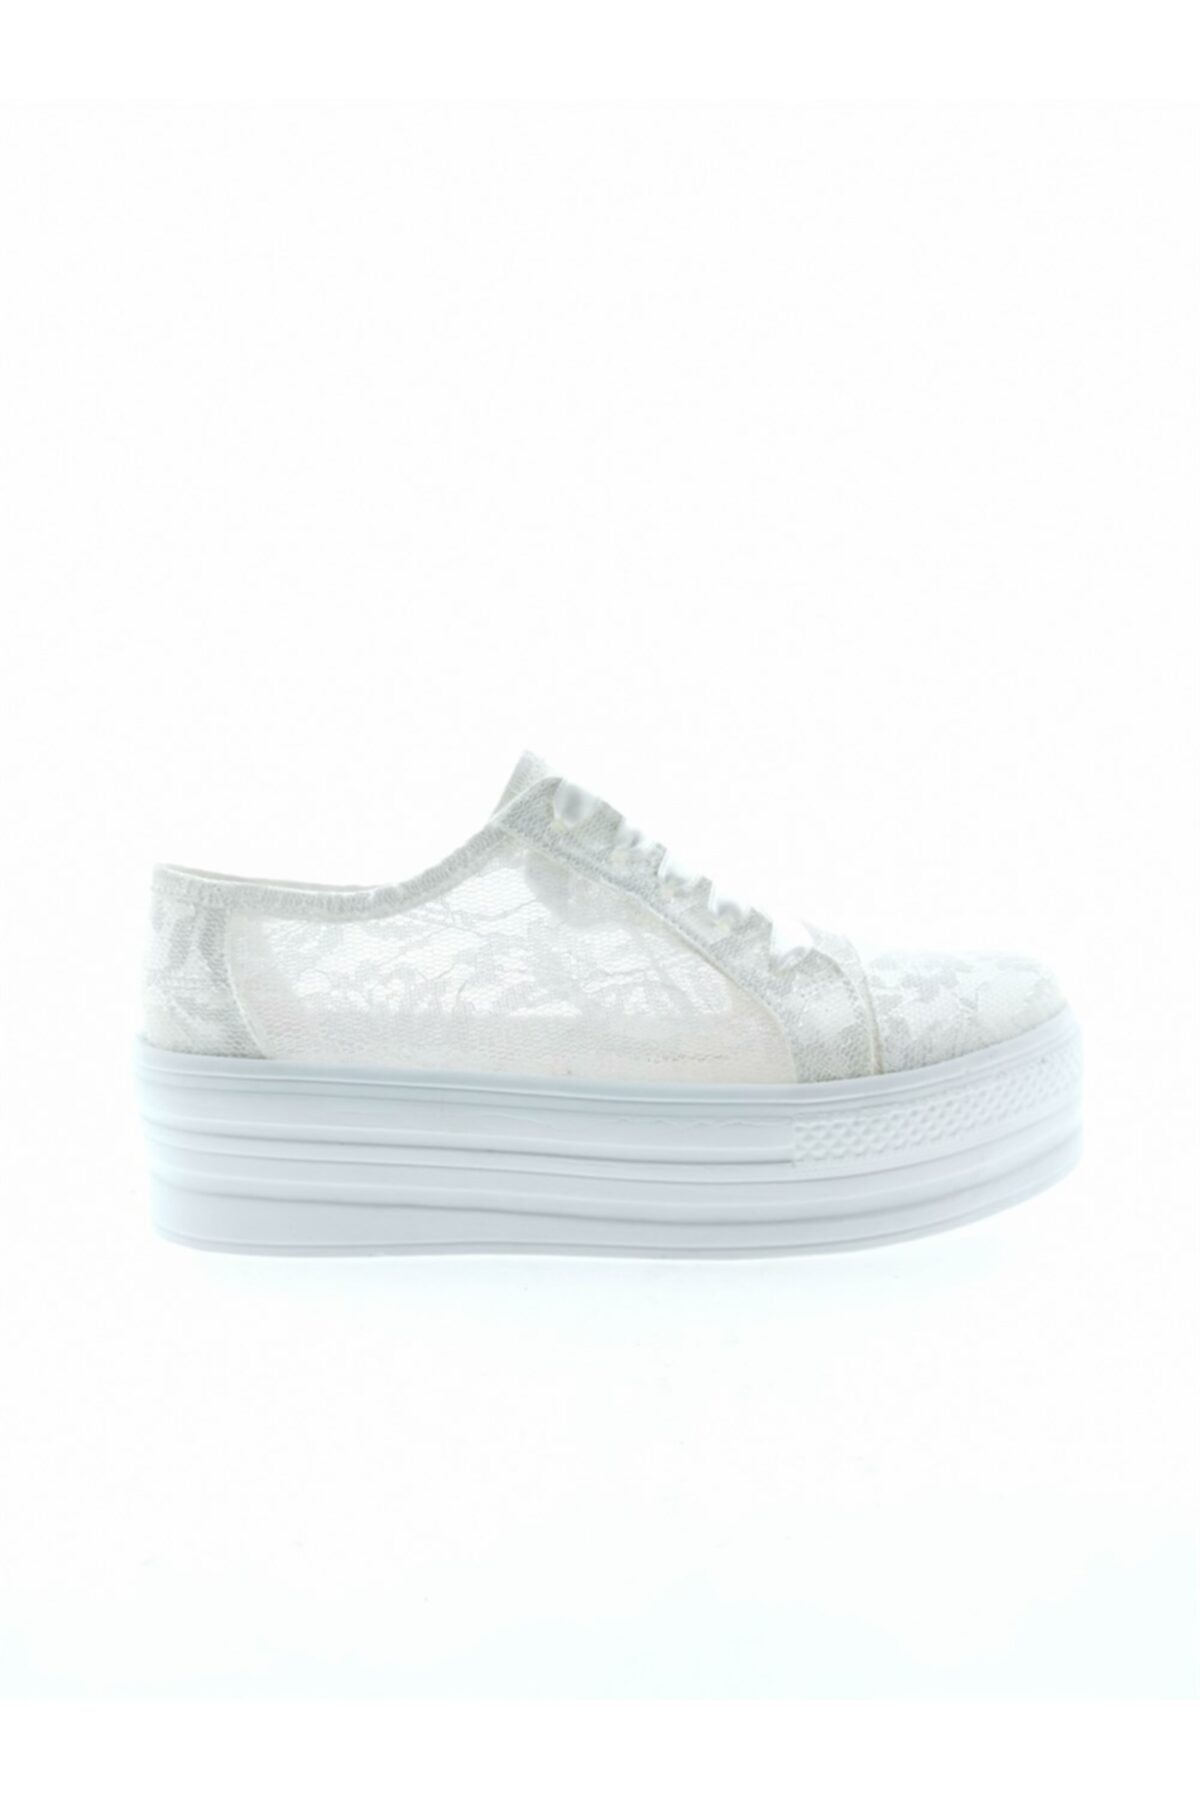 خرید اینترنتی کفش پاشنه بلند مجلسی زنانه از استانبول برند Aymood کد ty40169563